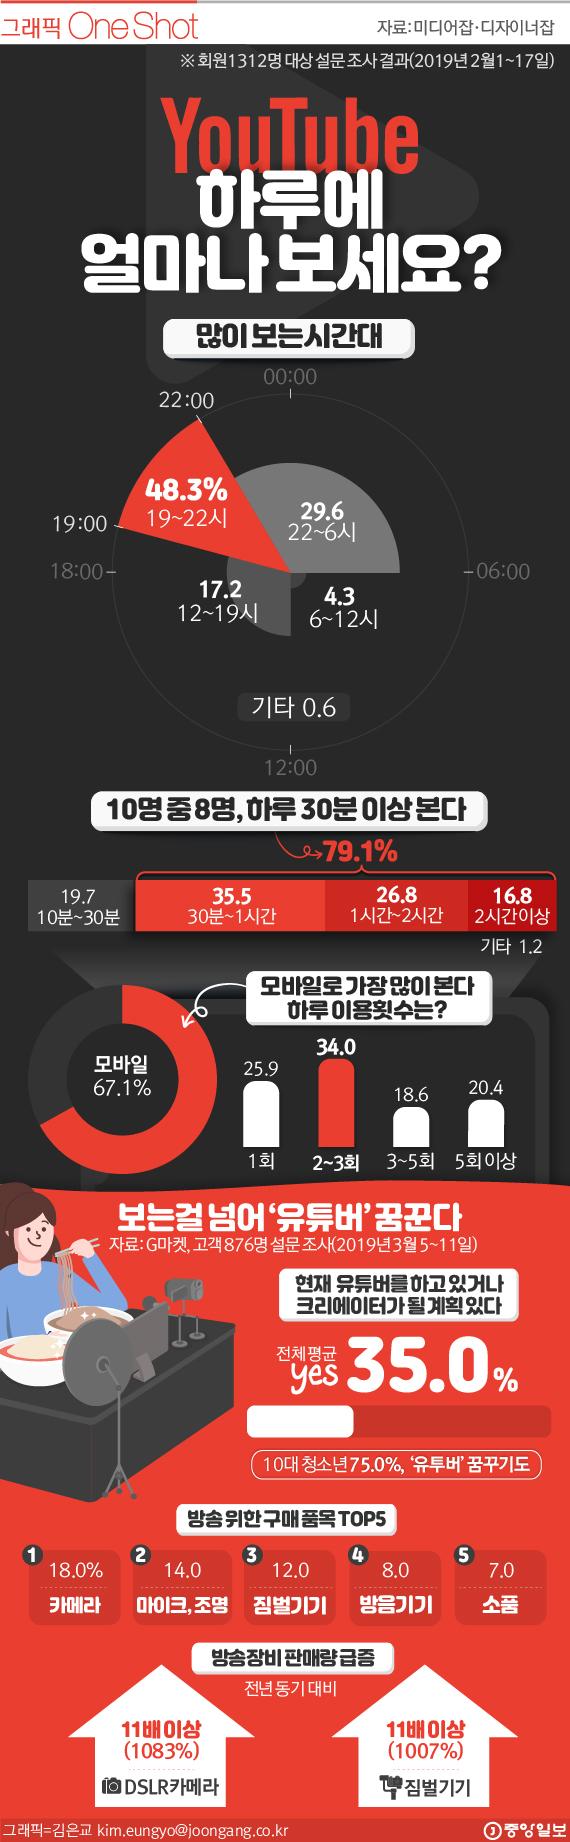 유튜브 시청 현황과 1인방송 설문